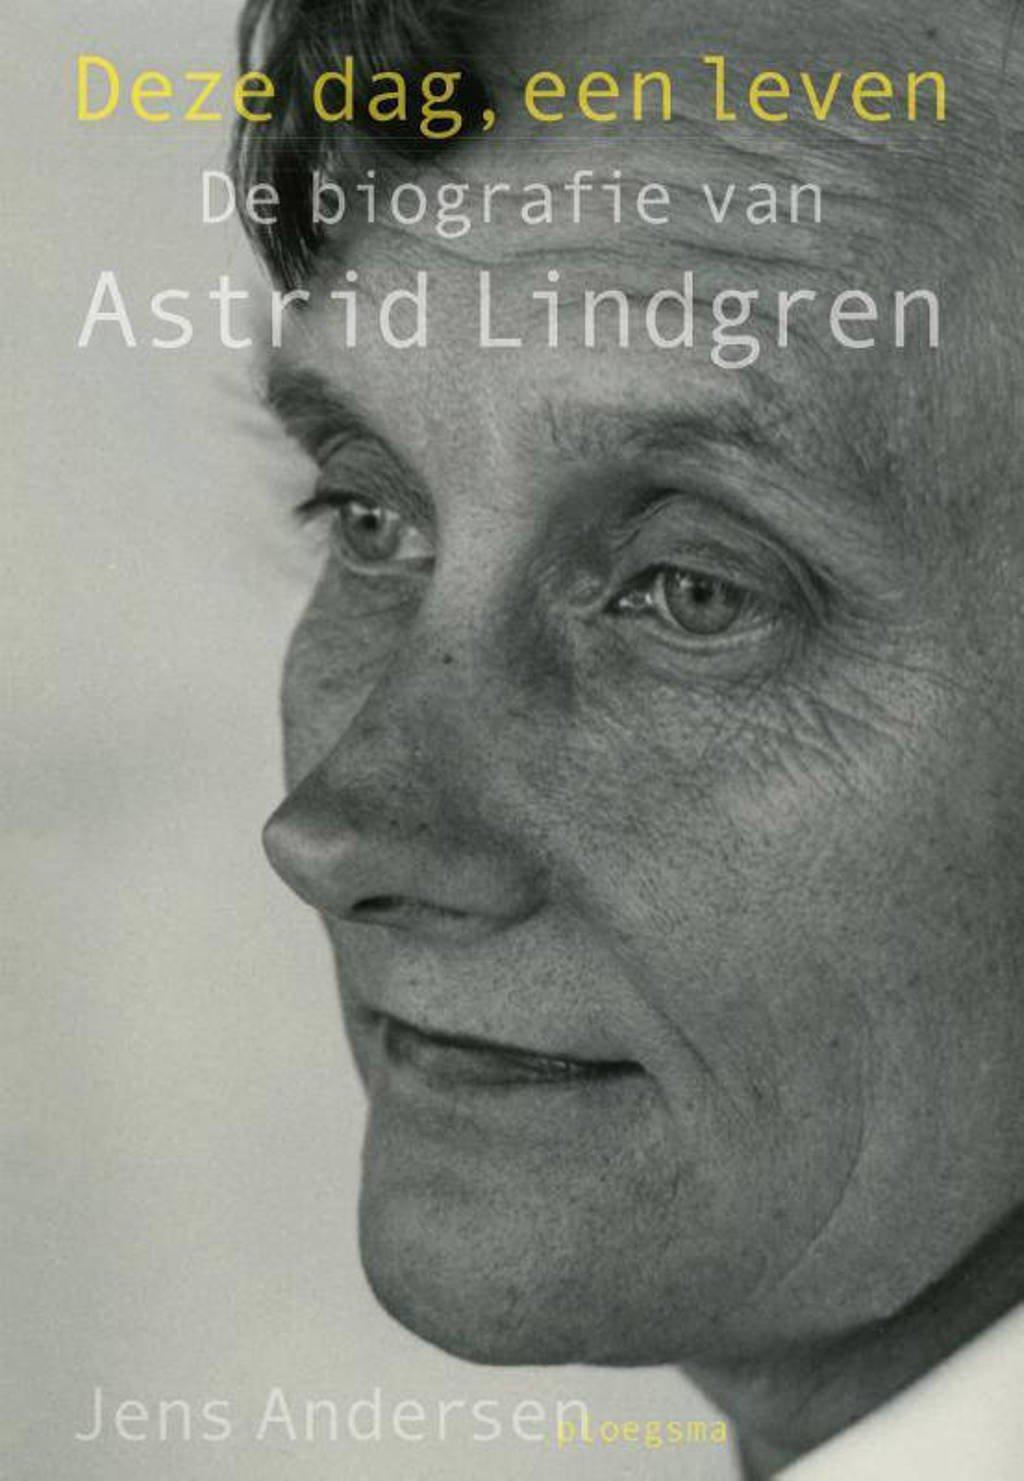 Deze dag, een leven - Jens Andersen